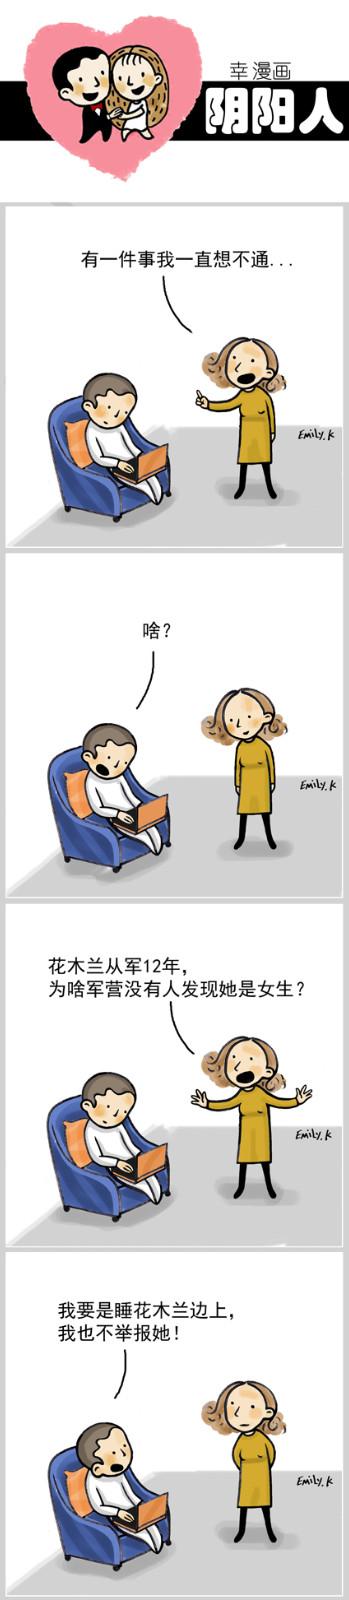 【邝幸漫畫】《阴阳人》花木兰的秘密_图1-1